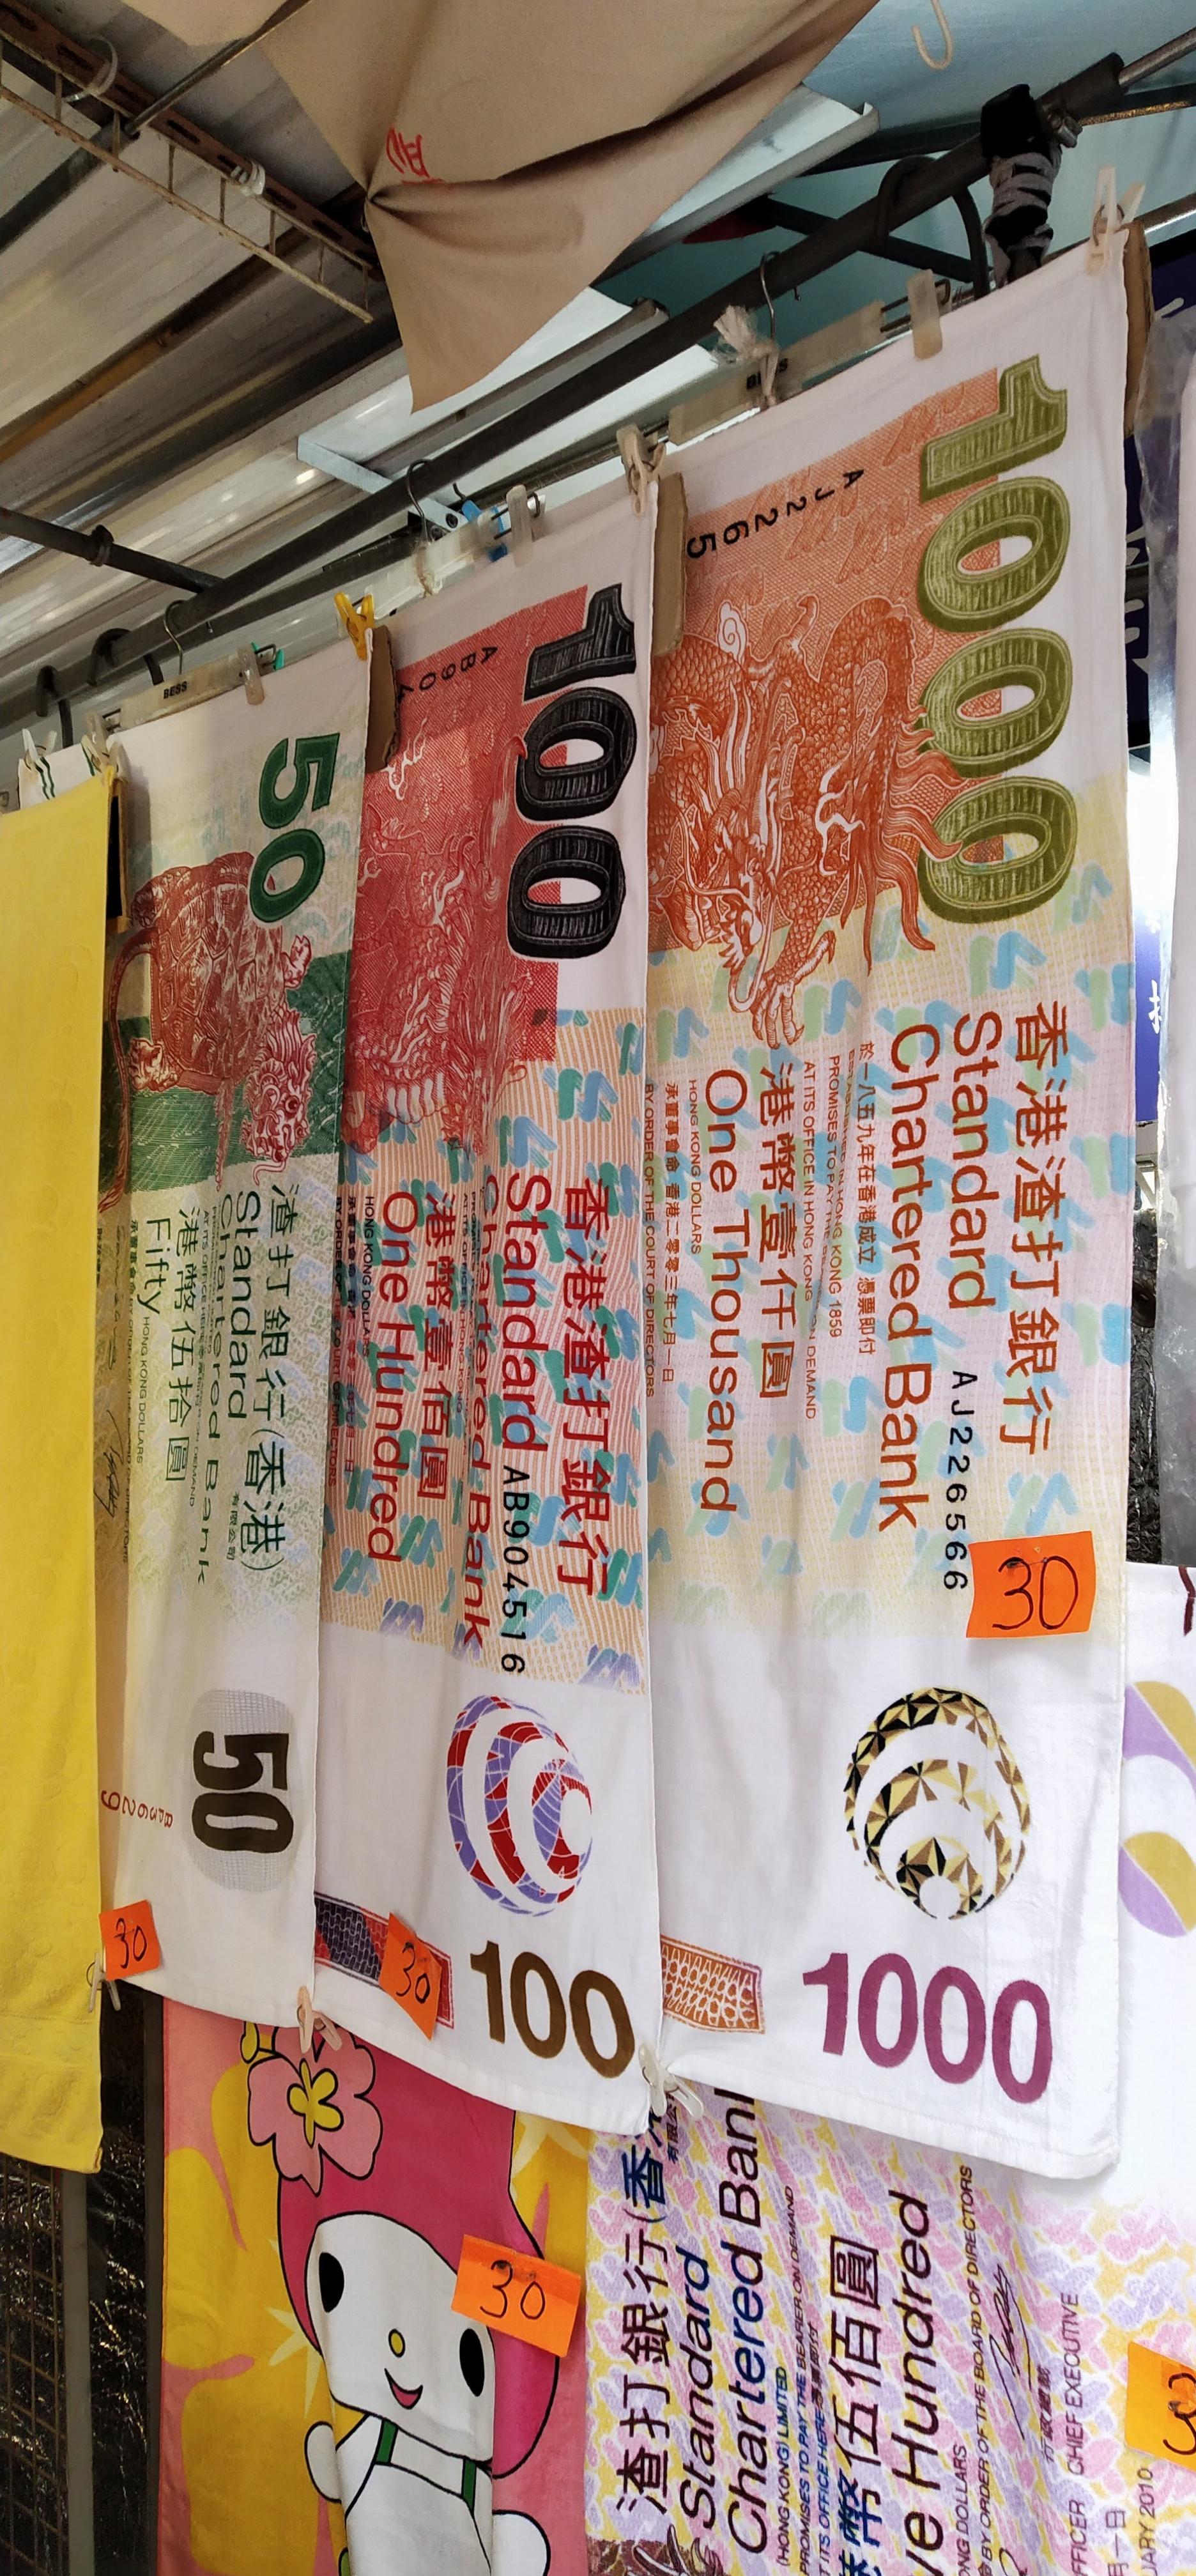 50 dollar note and 1000 dollar note are rare. 100 dollar note is still very popular.